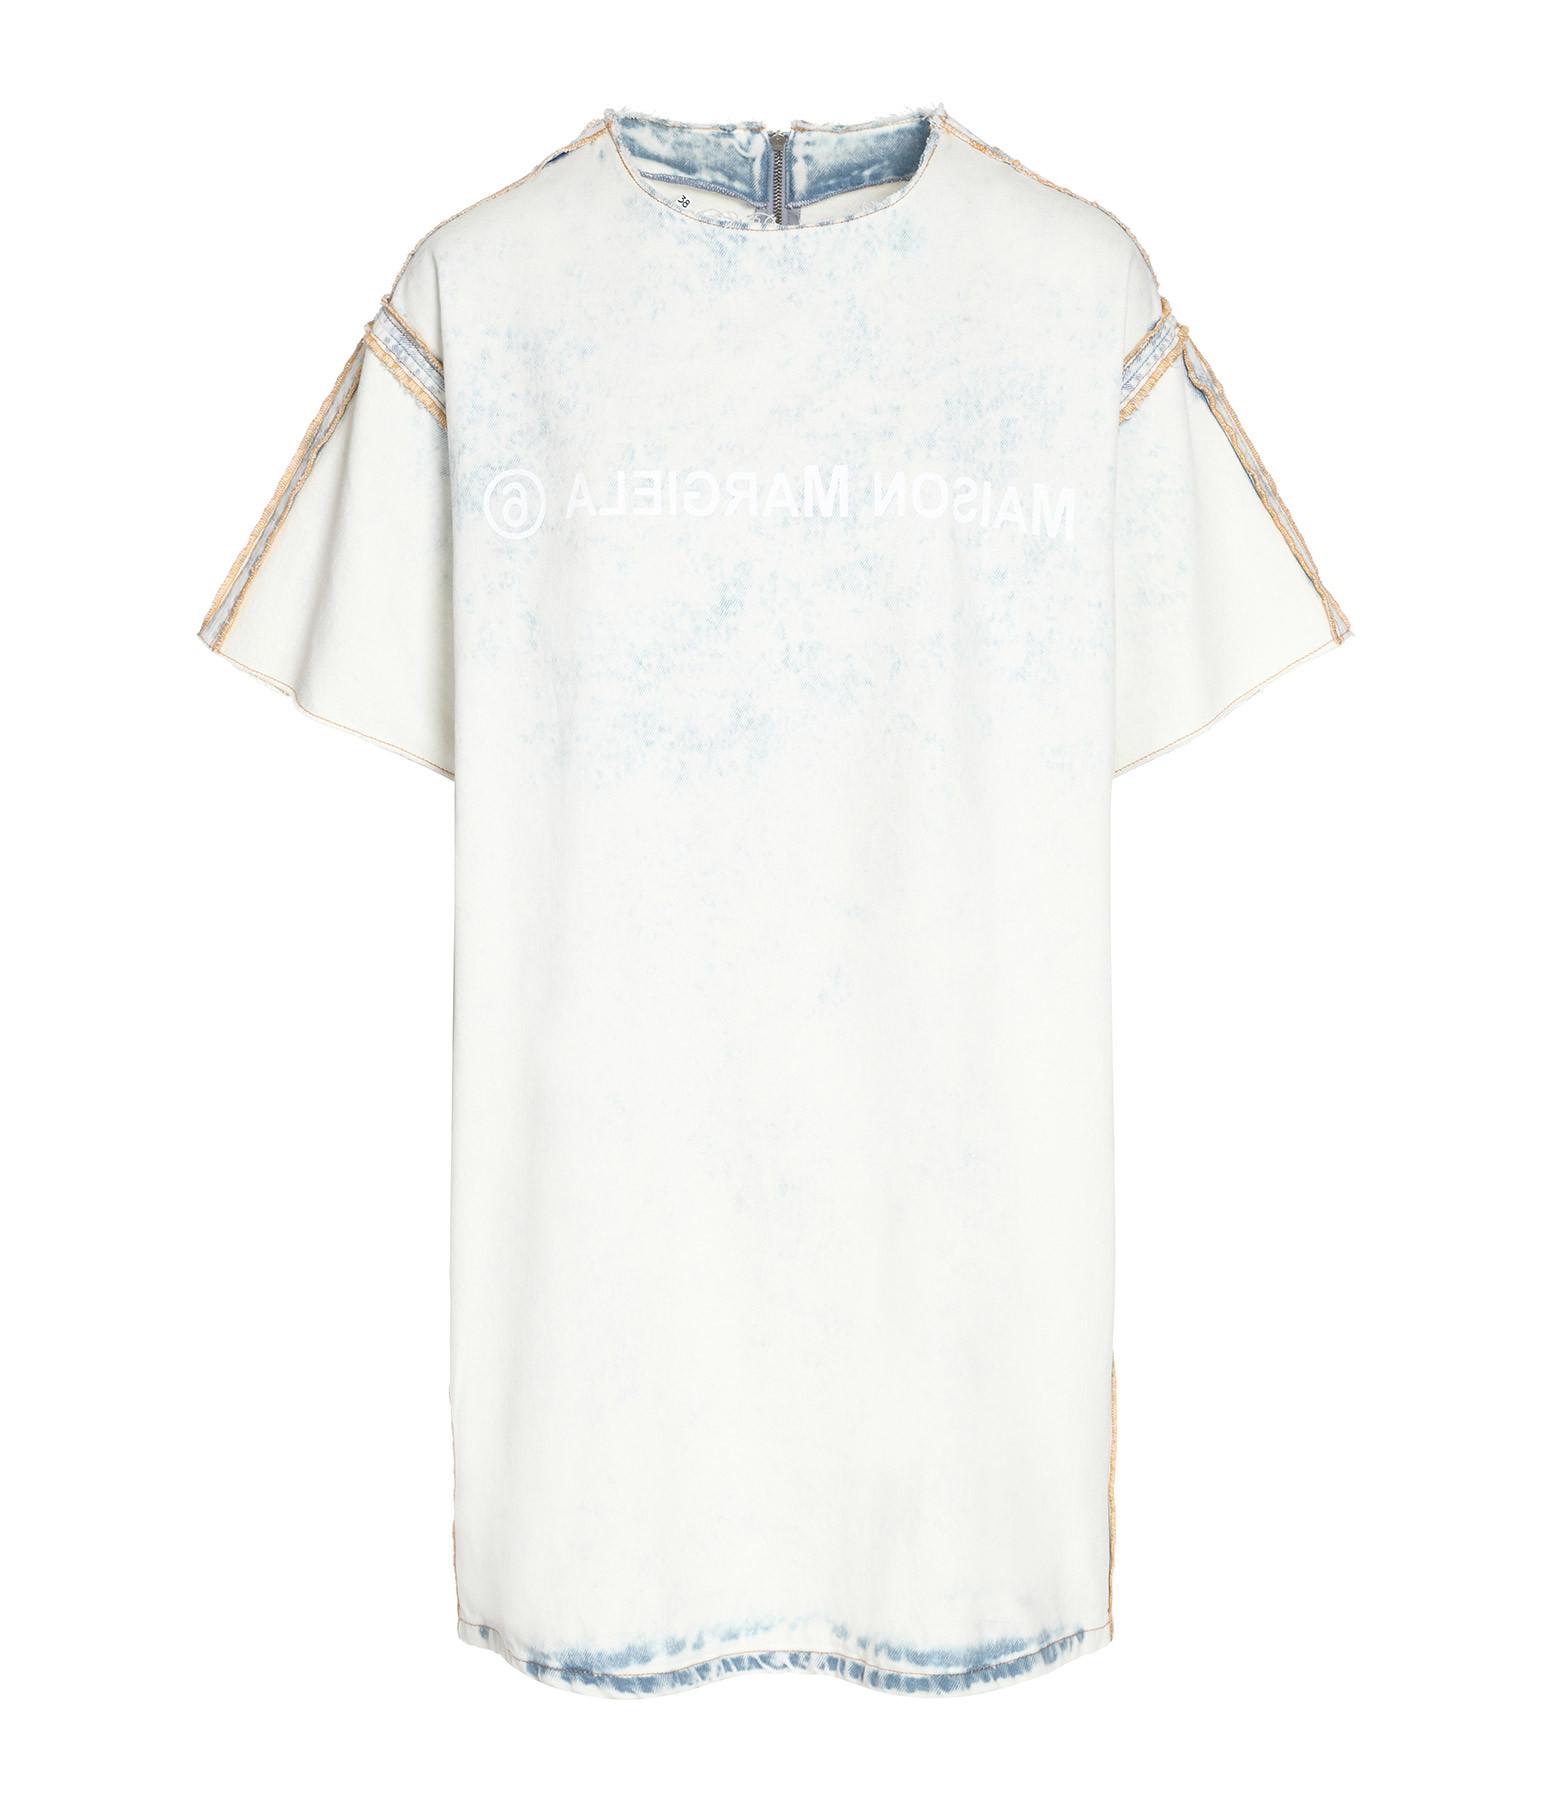 Robe Tee shirt Super Bleach